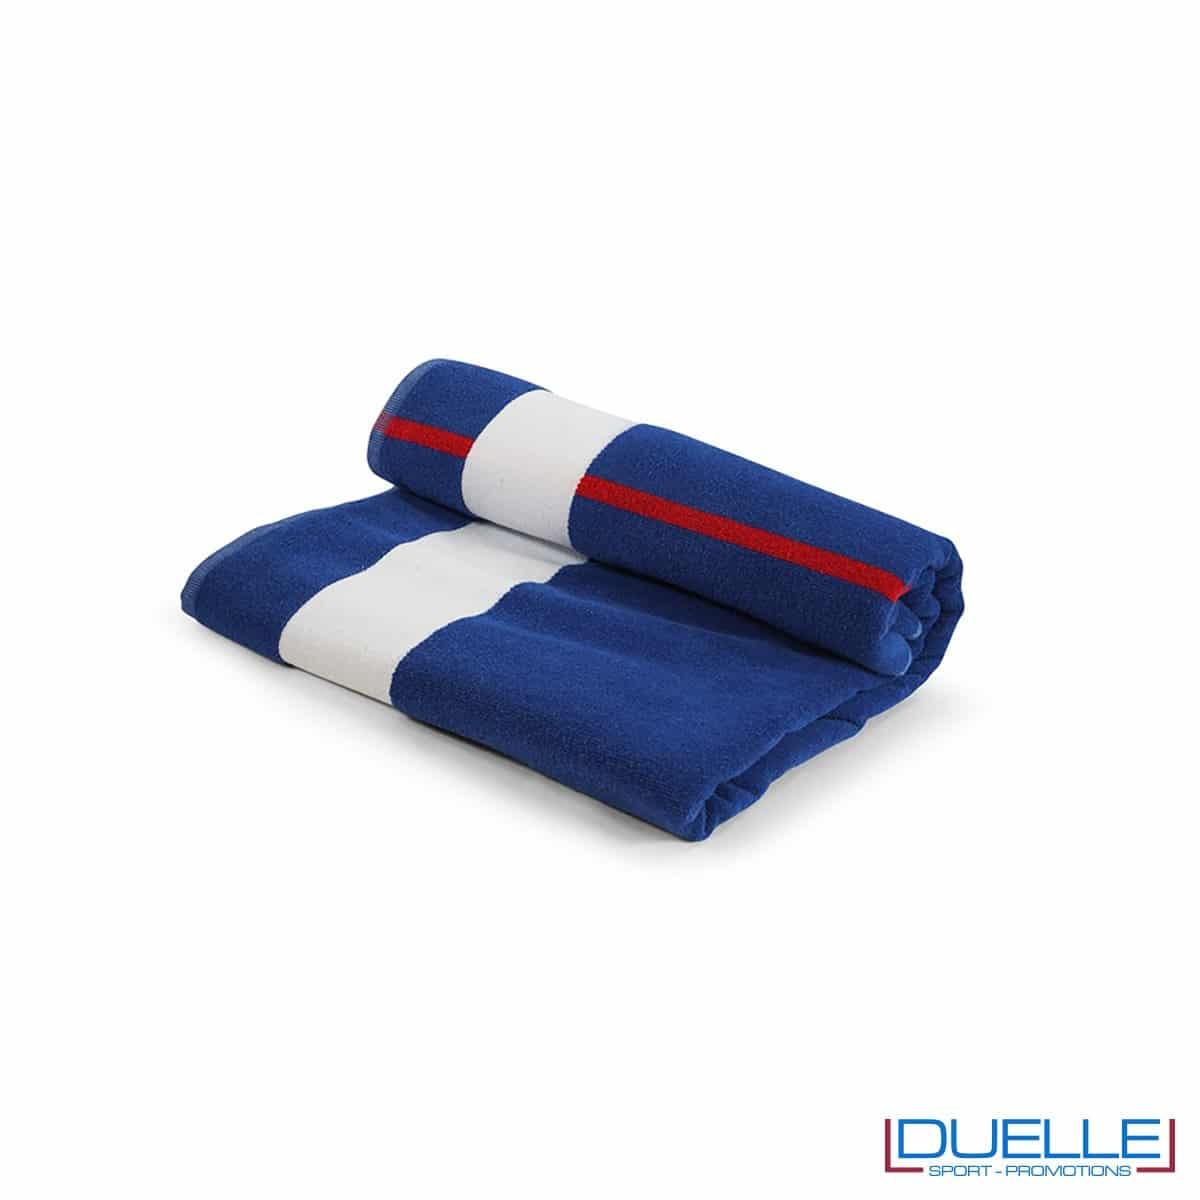 Asciugamano mare in cotone riciclato e fibra SEAQUAL personalizzabile con stampa